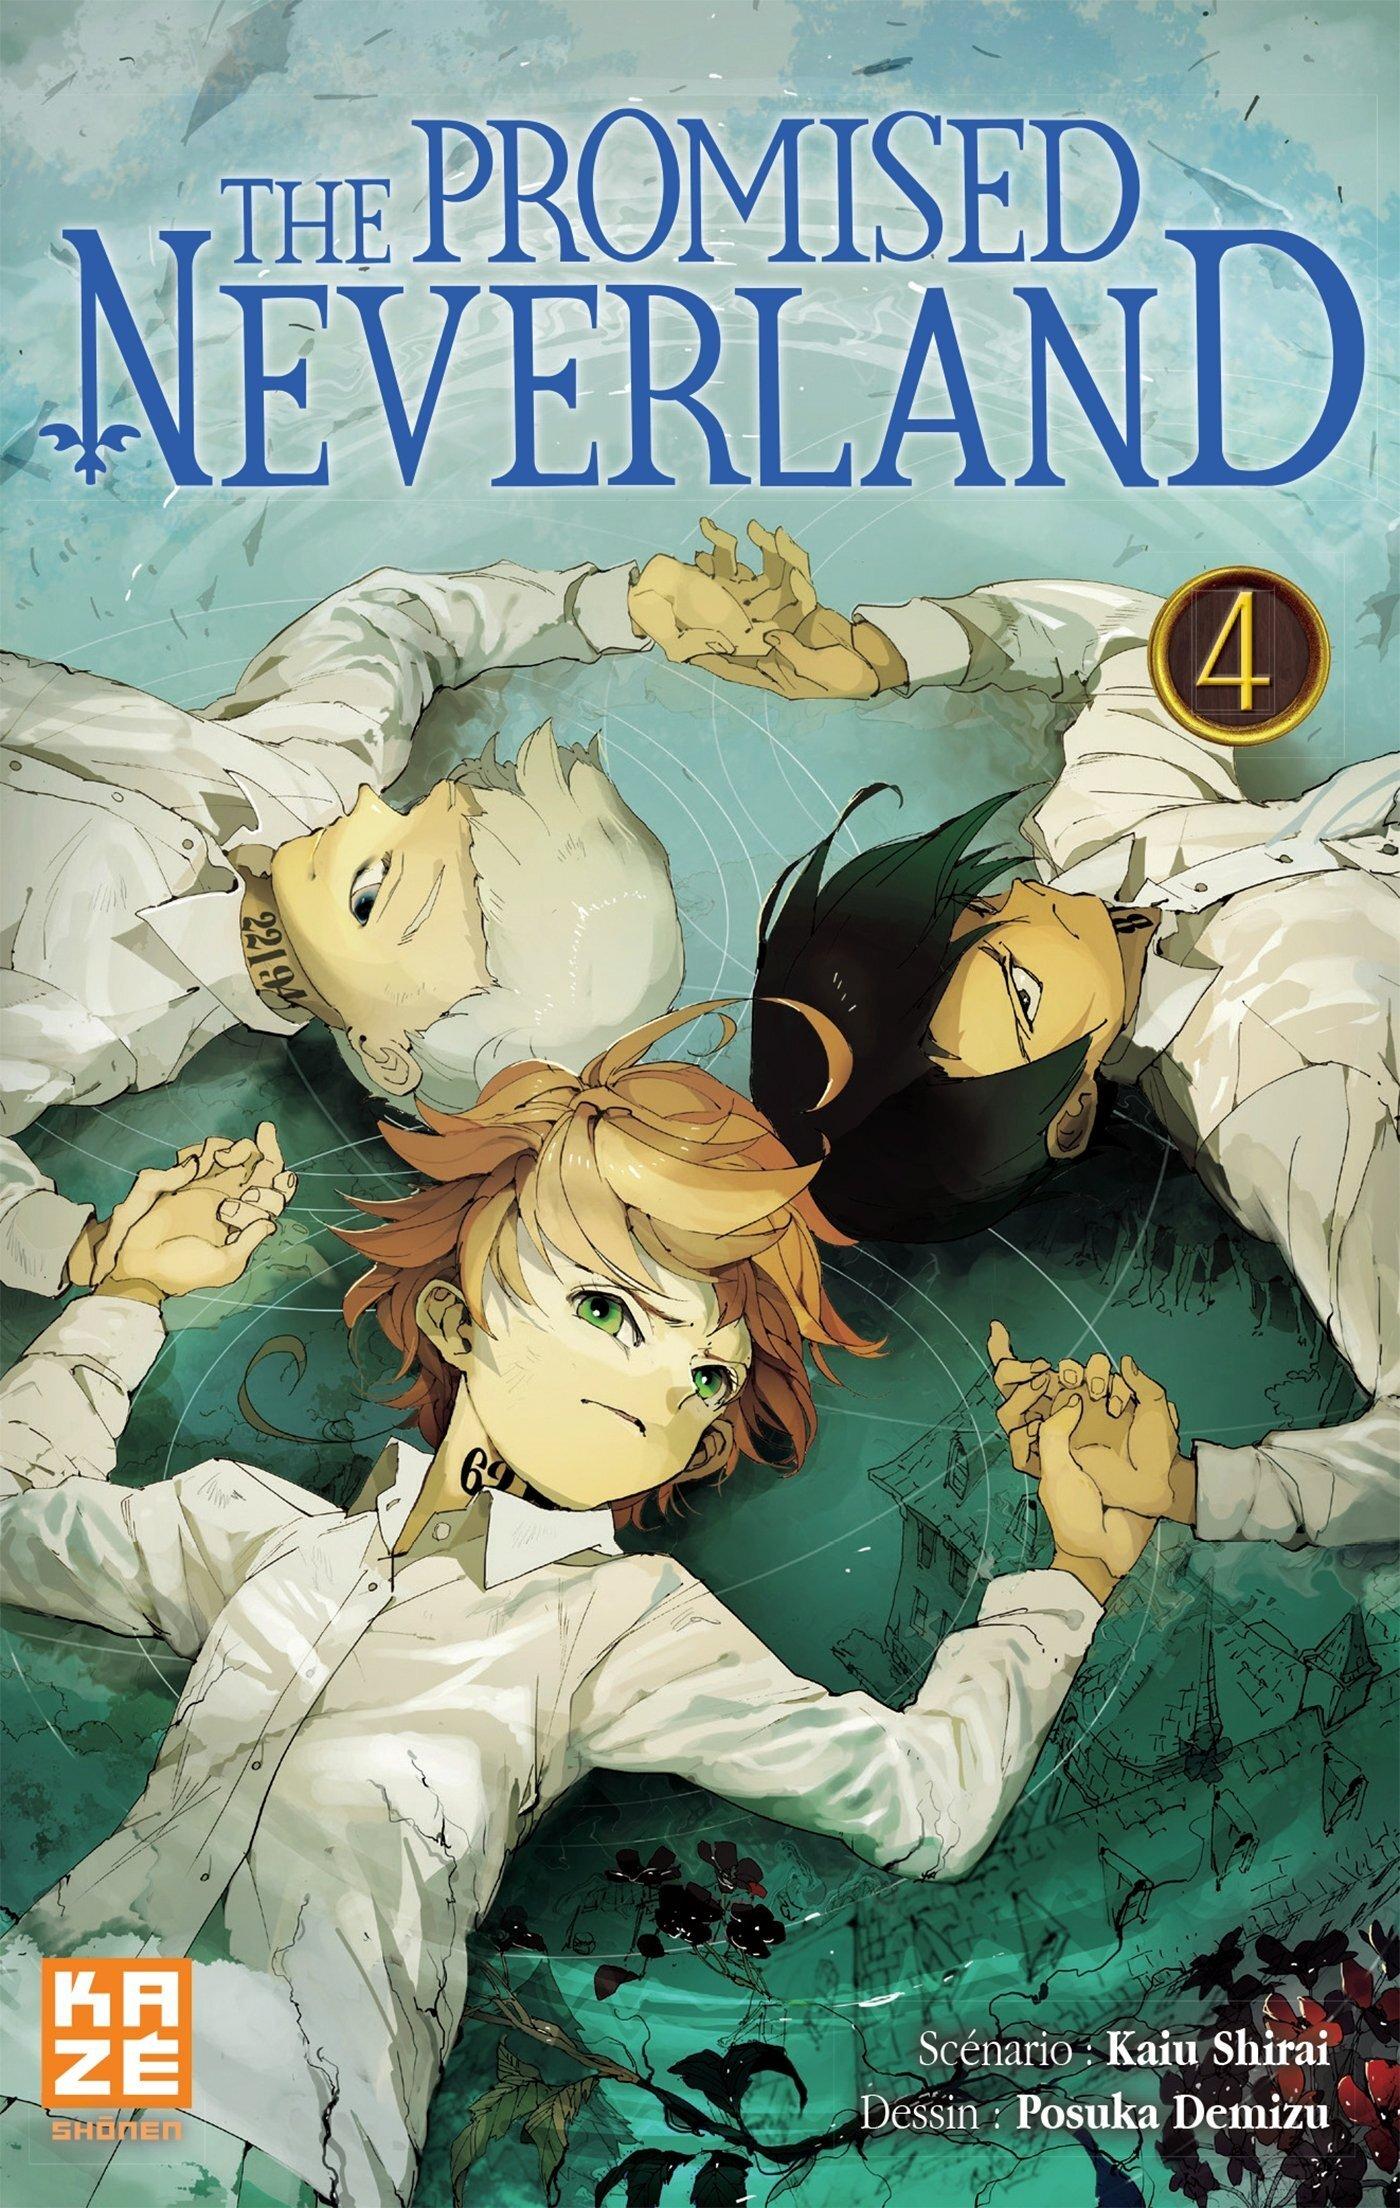 Vos couvertures de mangas préférées ? - Page 2 The-promised-neverland-tome-4-vivre-1131348